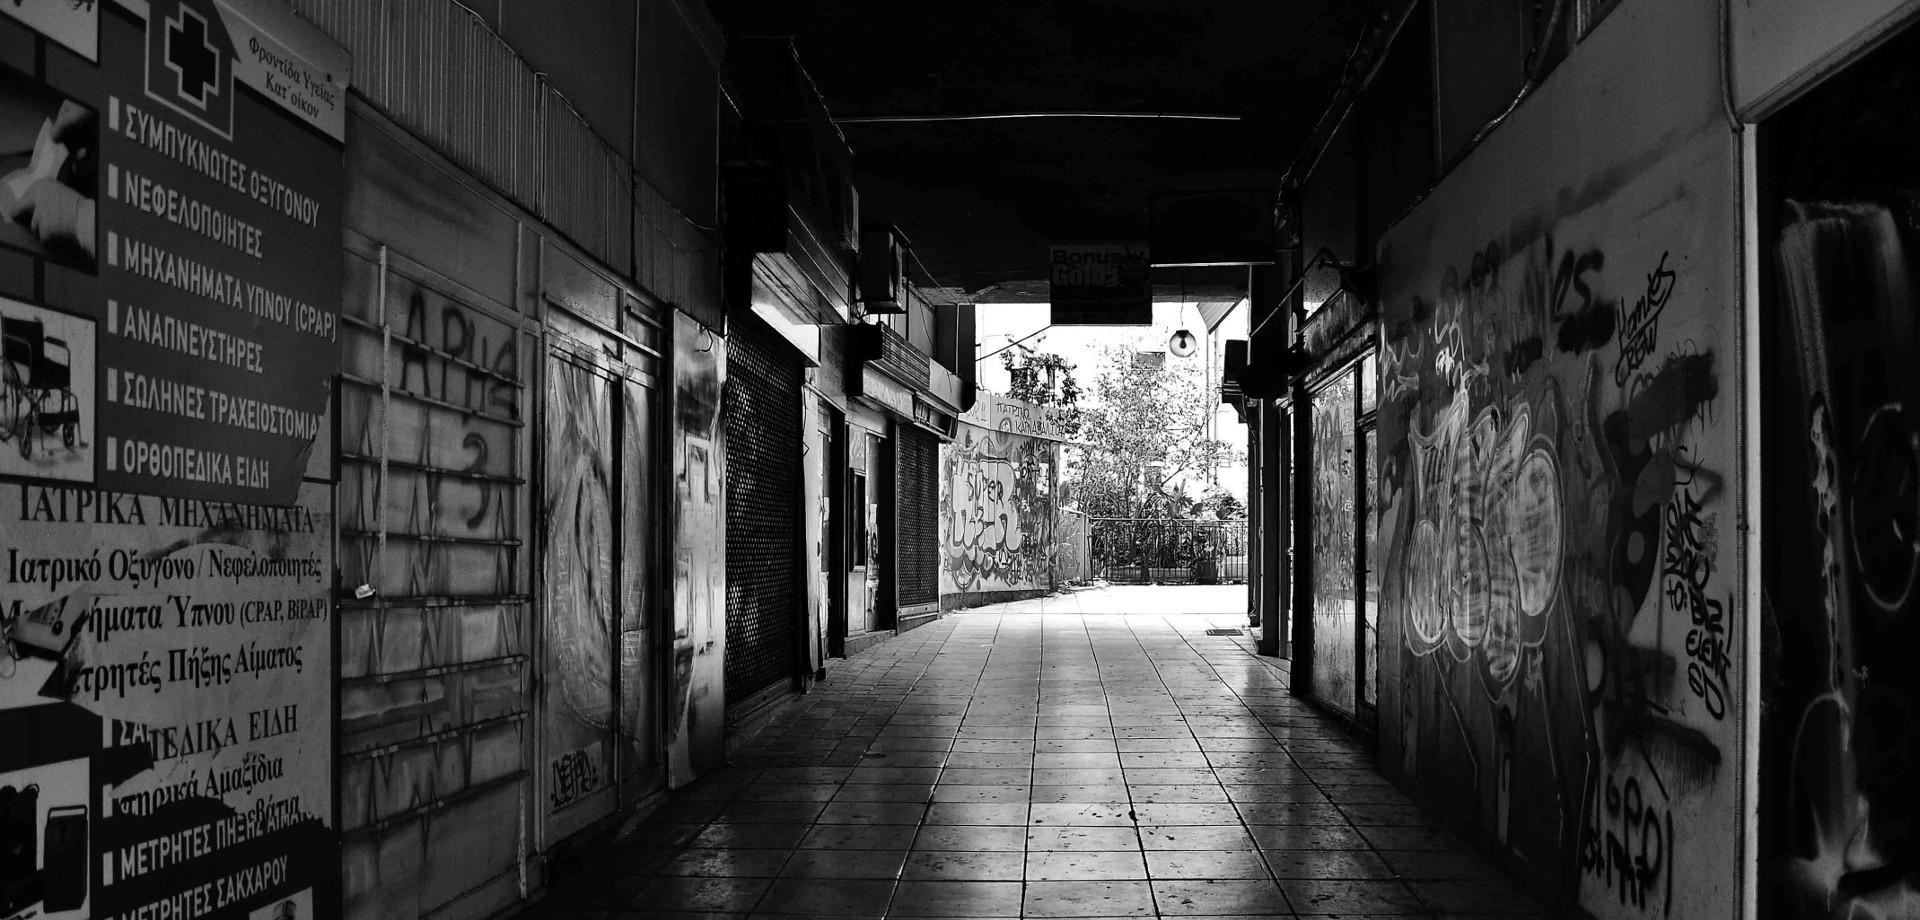 Εγκαίνια έκθεσης Ξενοφώντα Παπαευθυμίου «Αόρατη Πόλη»